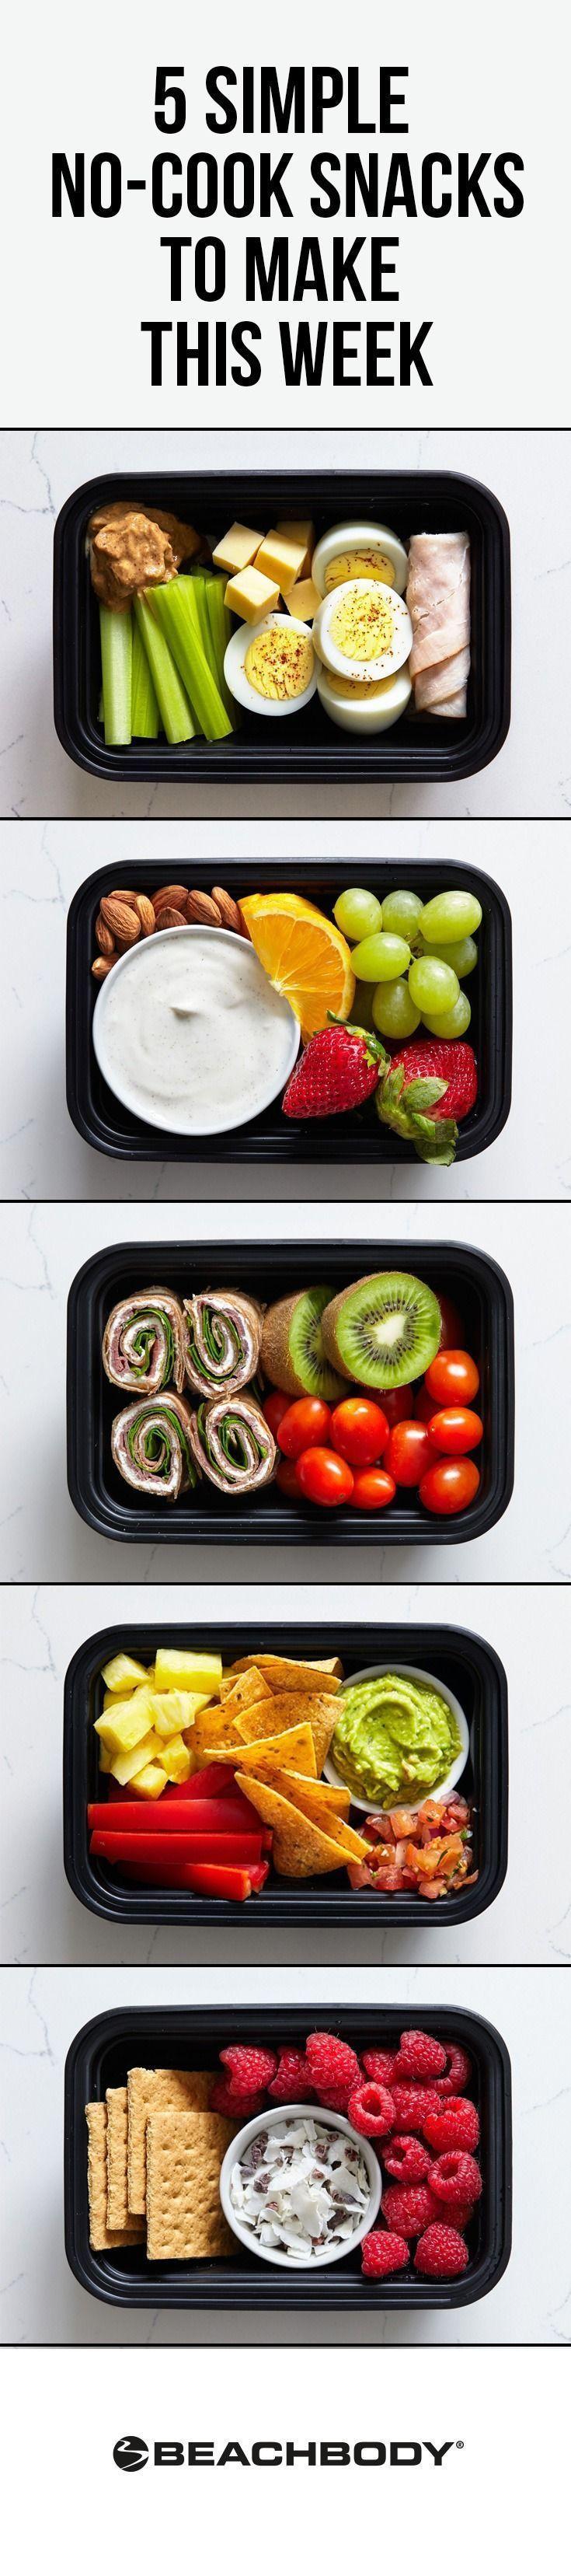 Keine Zeit für eine vollständige Mahlzeitvorbereitung? Diese No-Cook-Snackboxen lassen sich einfach...